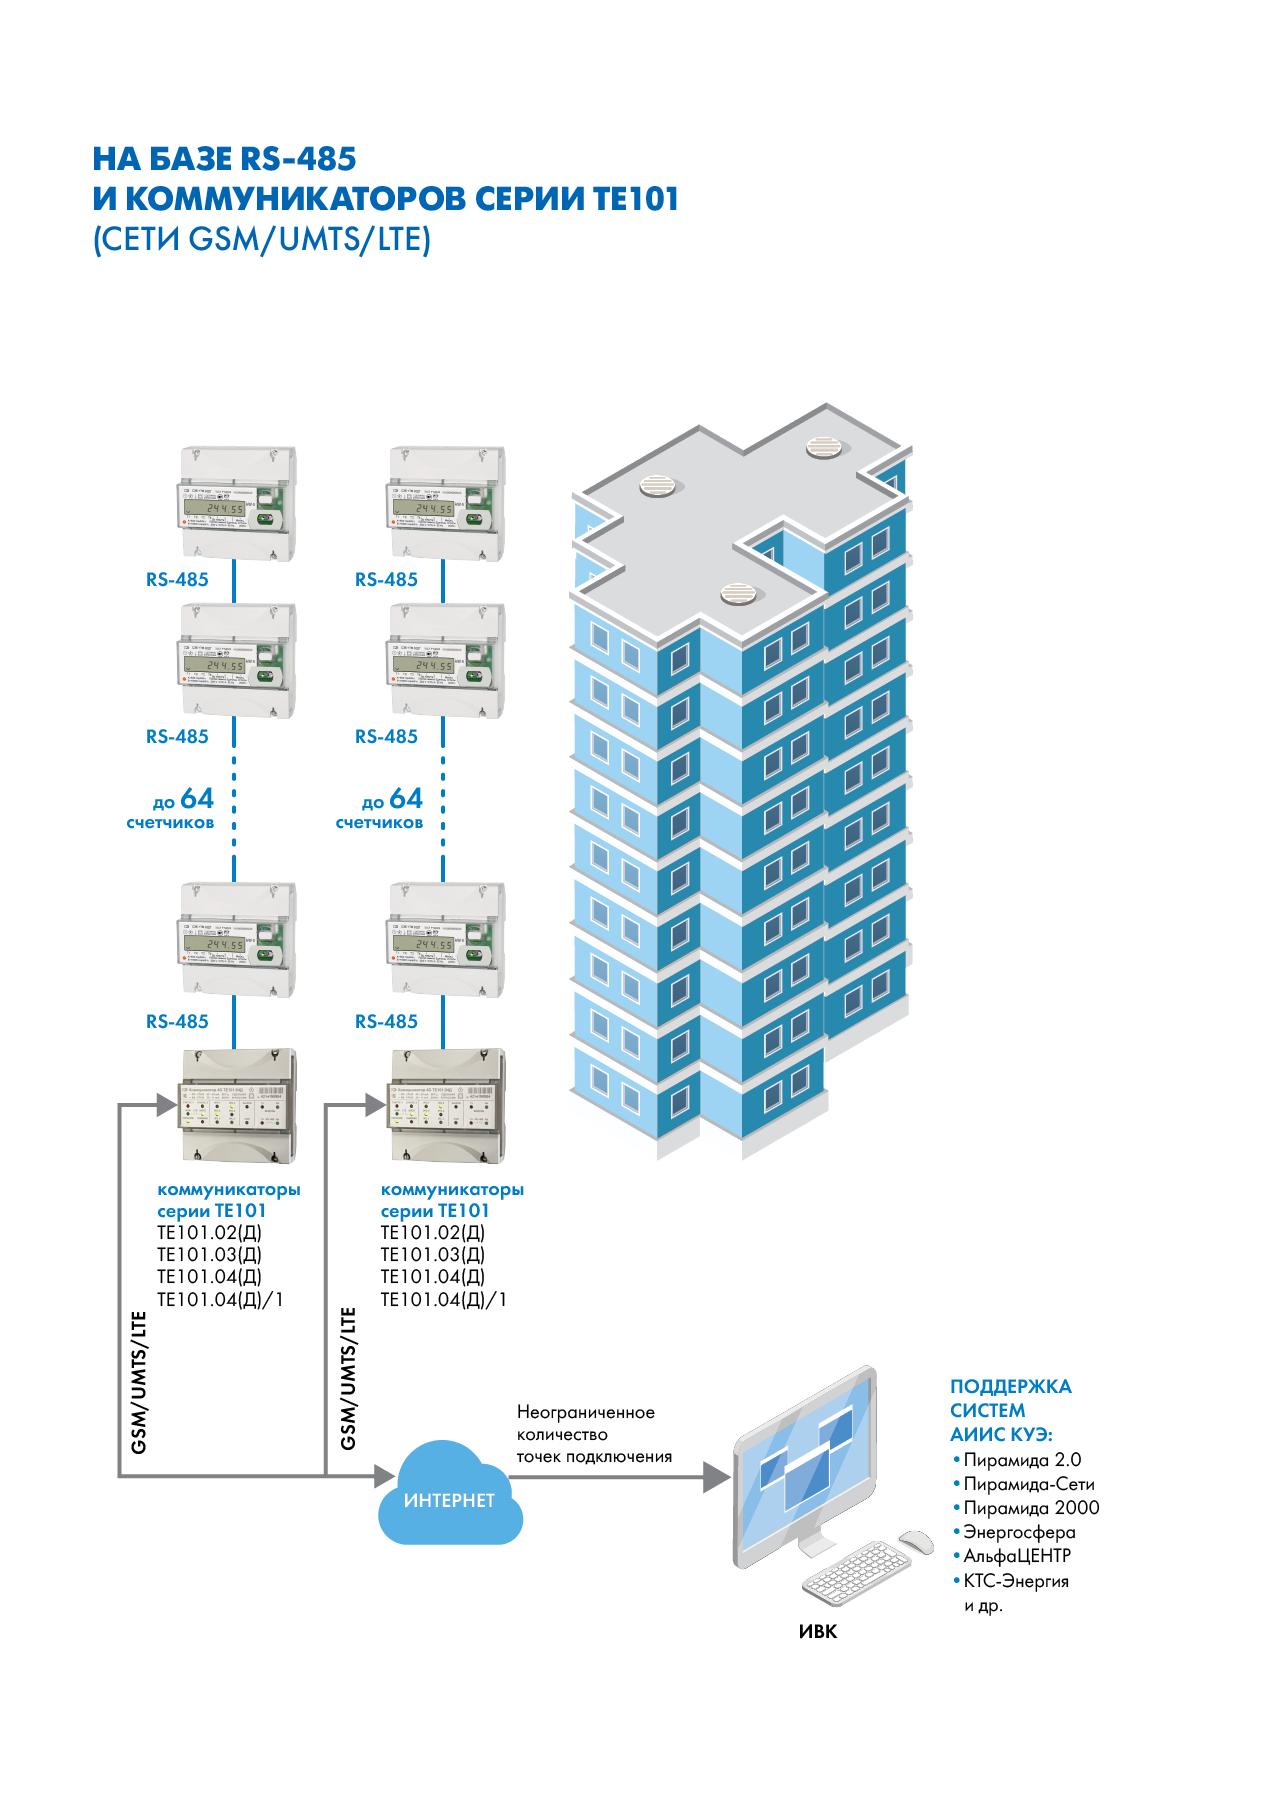 Организация сбора информации со счетчиков электрической энергии на базе RS-485 и коммуникаторов серии ТЕ101 (сети GSM/UMTS/LTE)